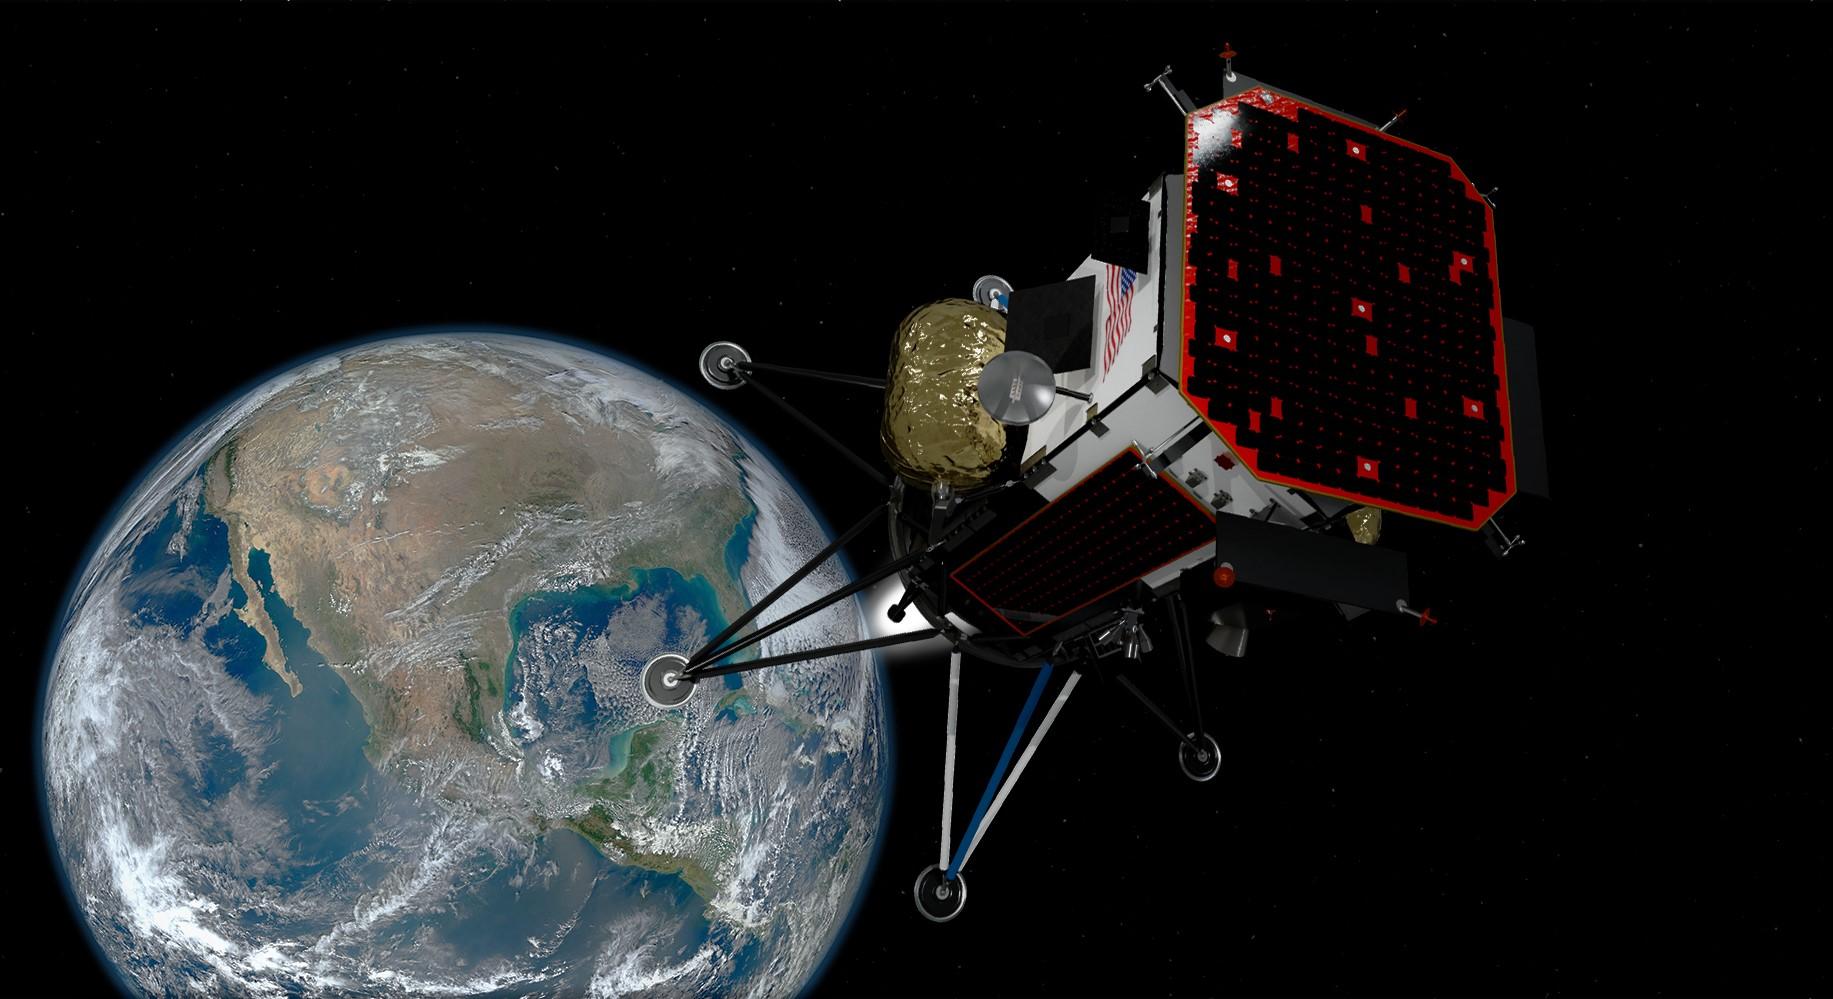 IM-3 Moon lander (Intuitive Machines) 1 crop